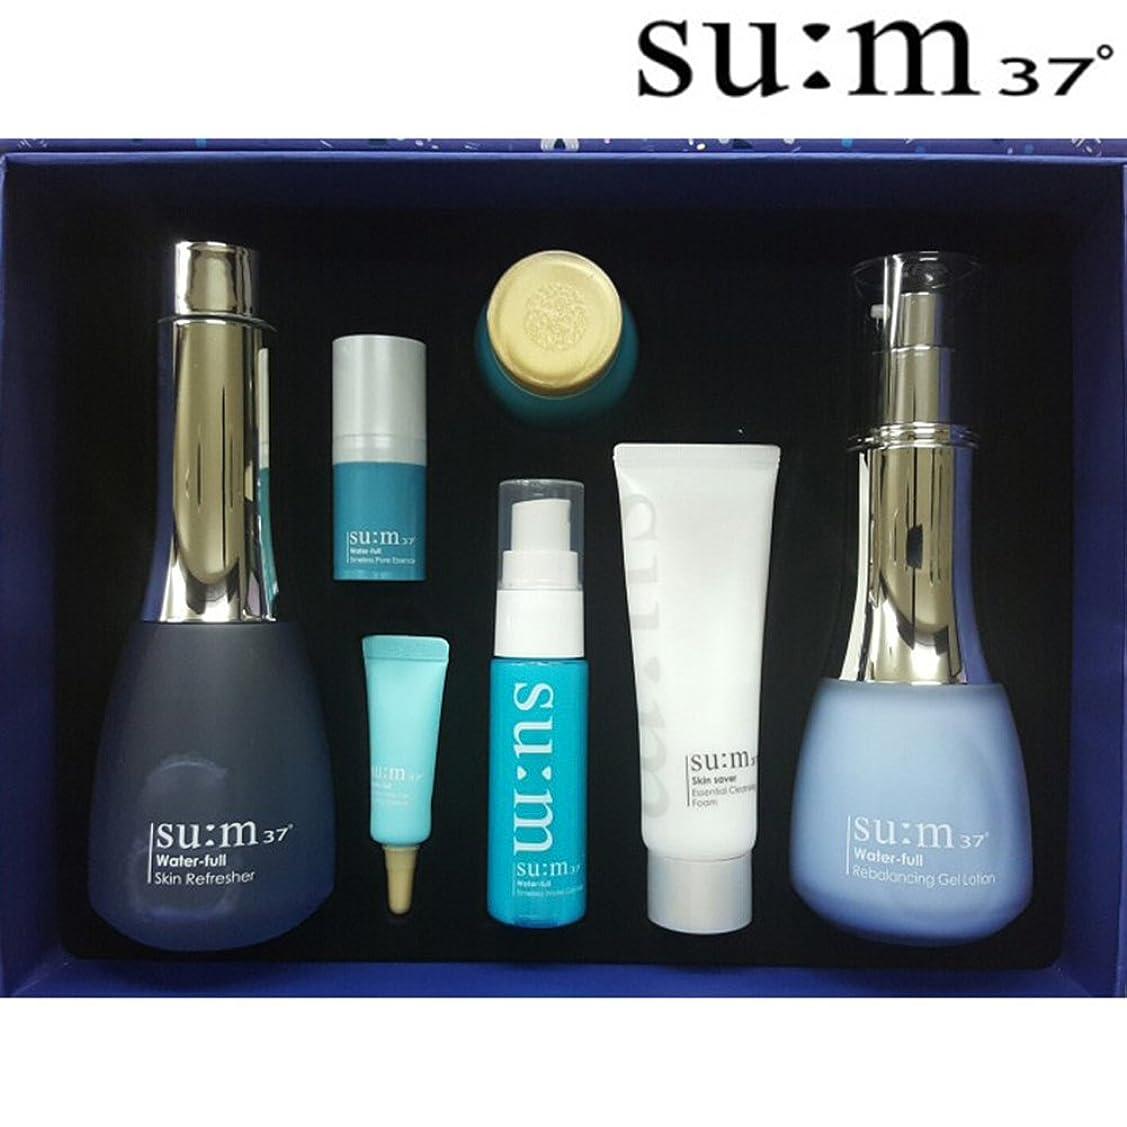 ロードされたステレオ対[su:m37/スム37°] Sum37 Water full 2 Piece Special Set / SUM37 ?スム37 ウォーターフルスキン+ジェルローション 2種 +[Sample Gift](海外直送品)